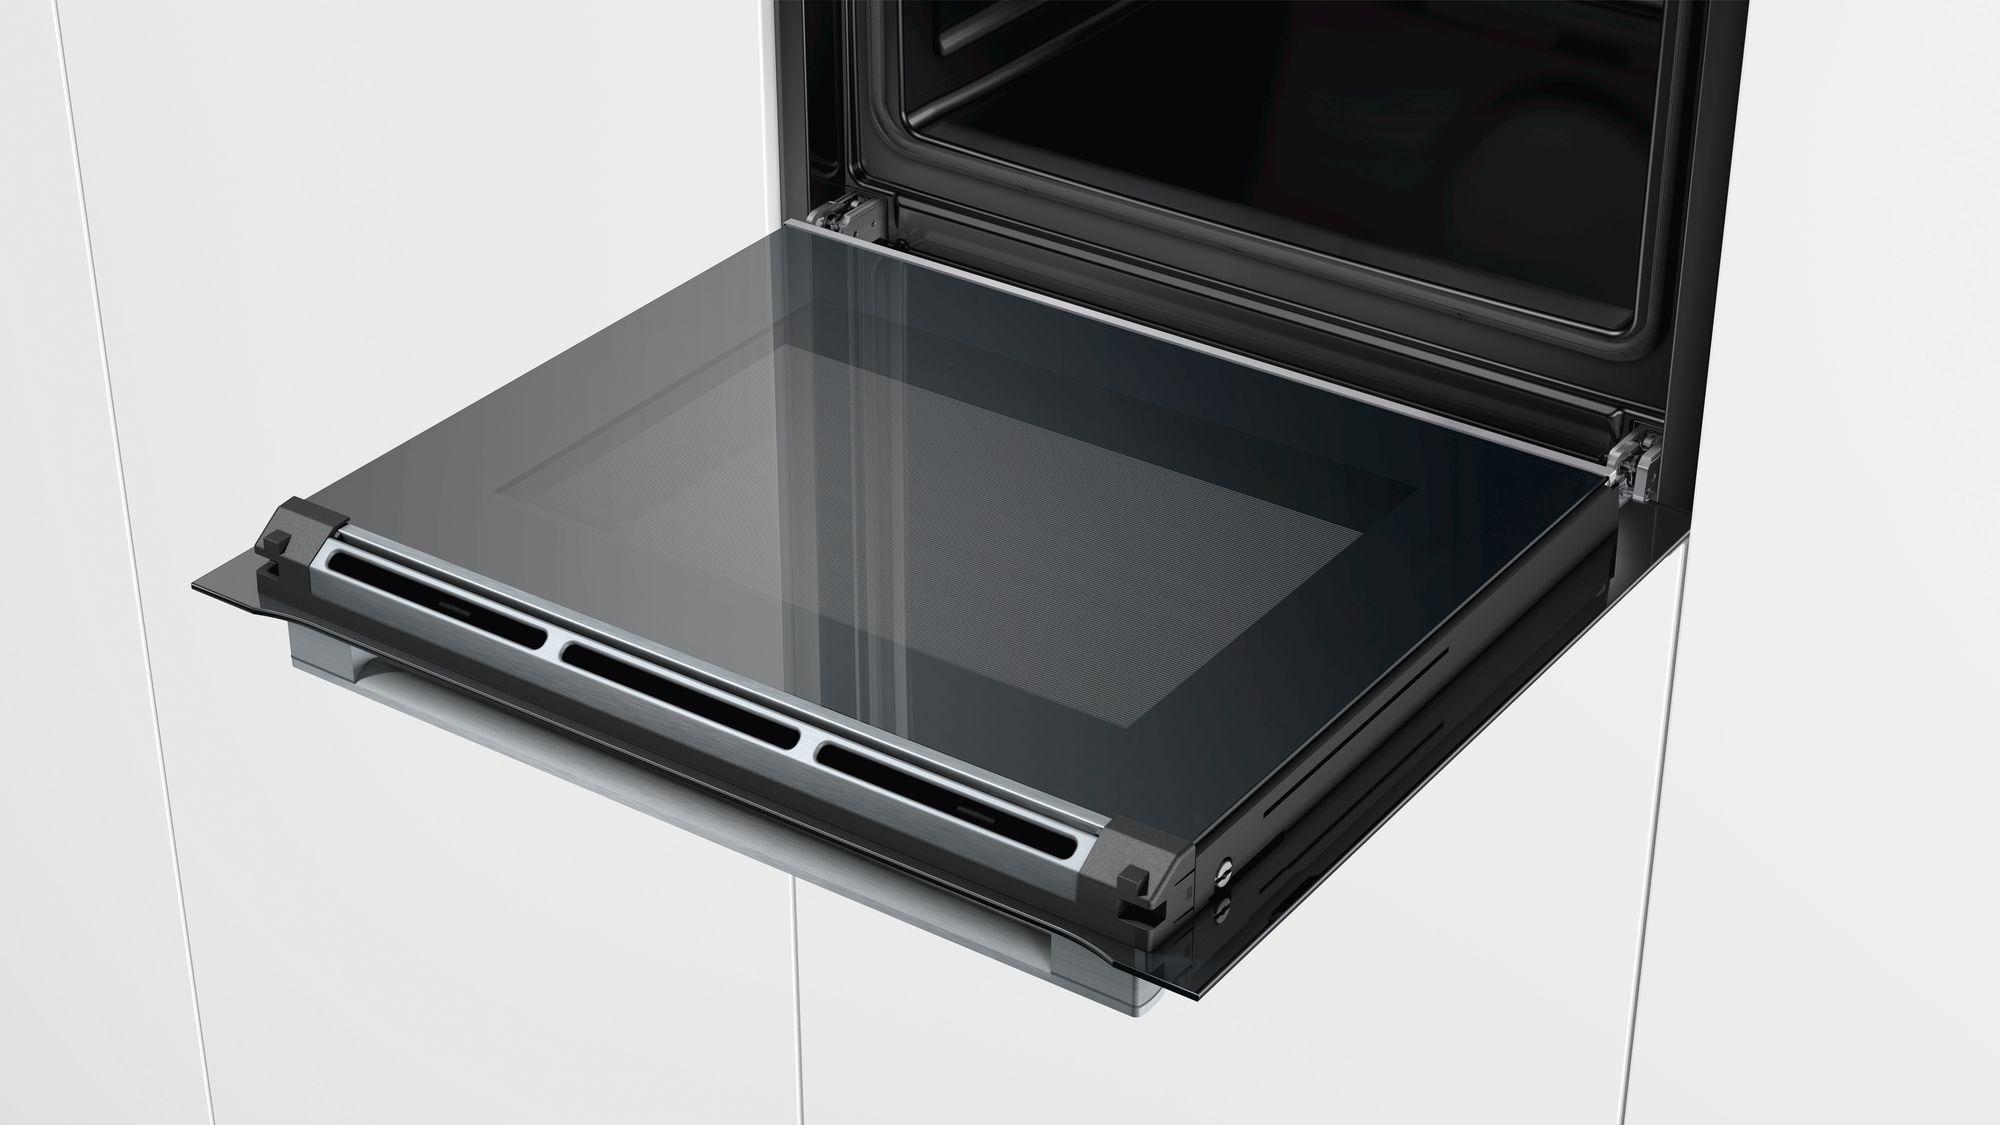 Lò nướng âm tủ BOSCH HBG634BB1B series 8 series 8 4D Hotair, Làm nóng  nhanh, Hẹn giờ, Cảnh báo nhiệt dư, Nướng Pizza |osm.com.vn | Thiết bị bếp  và gia dụng OSM